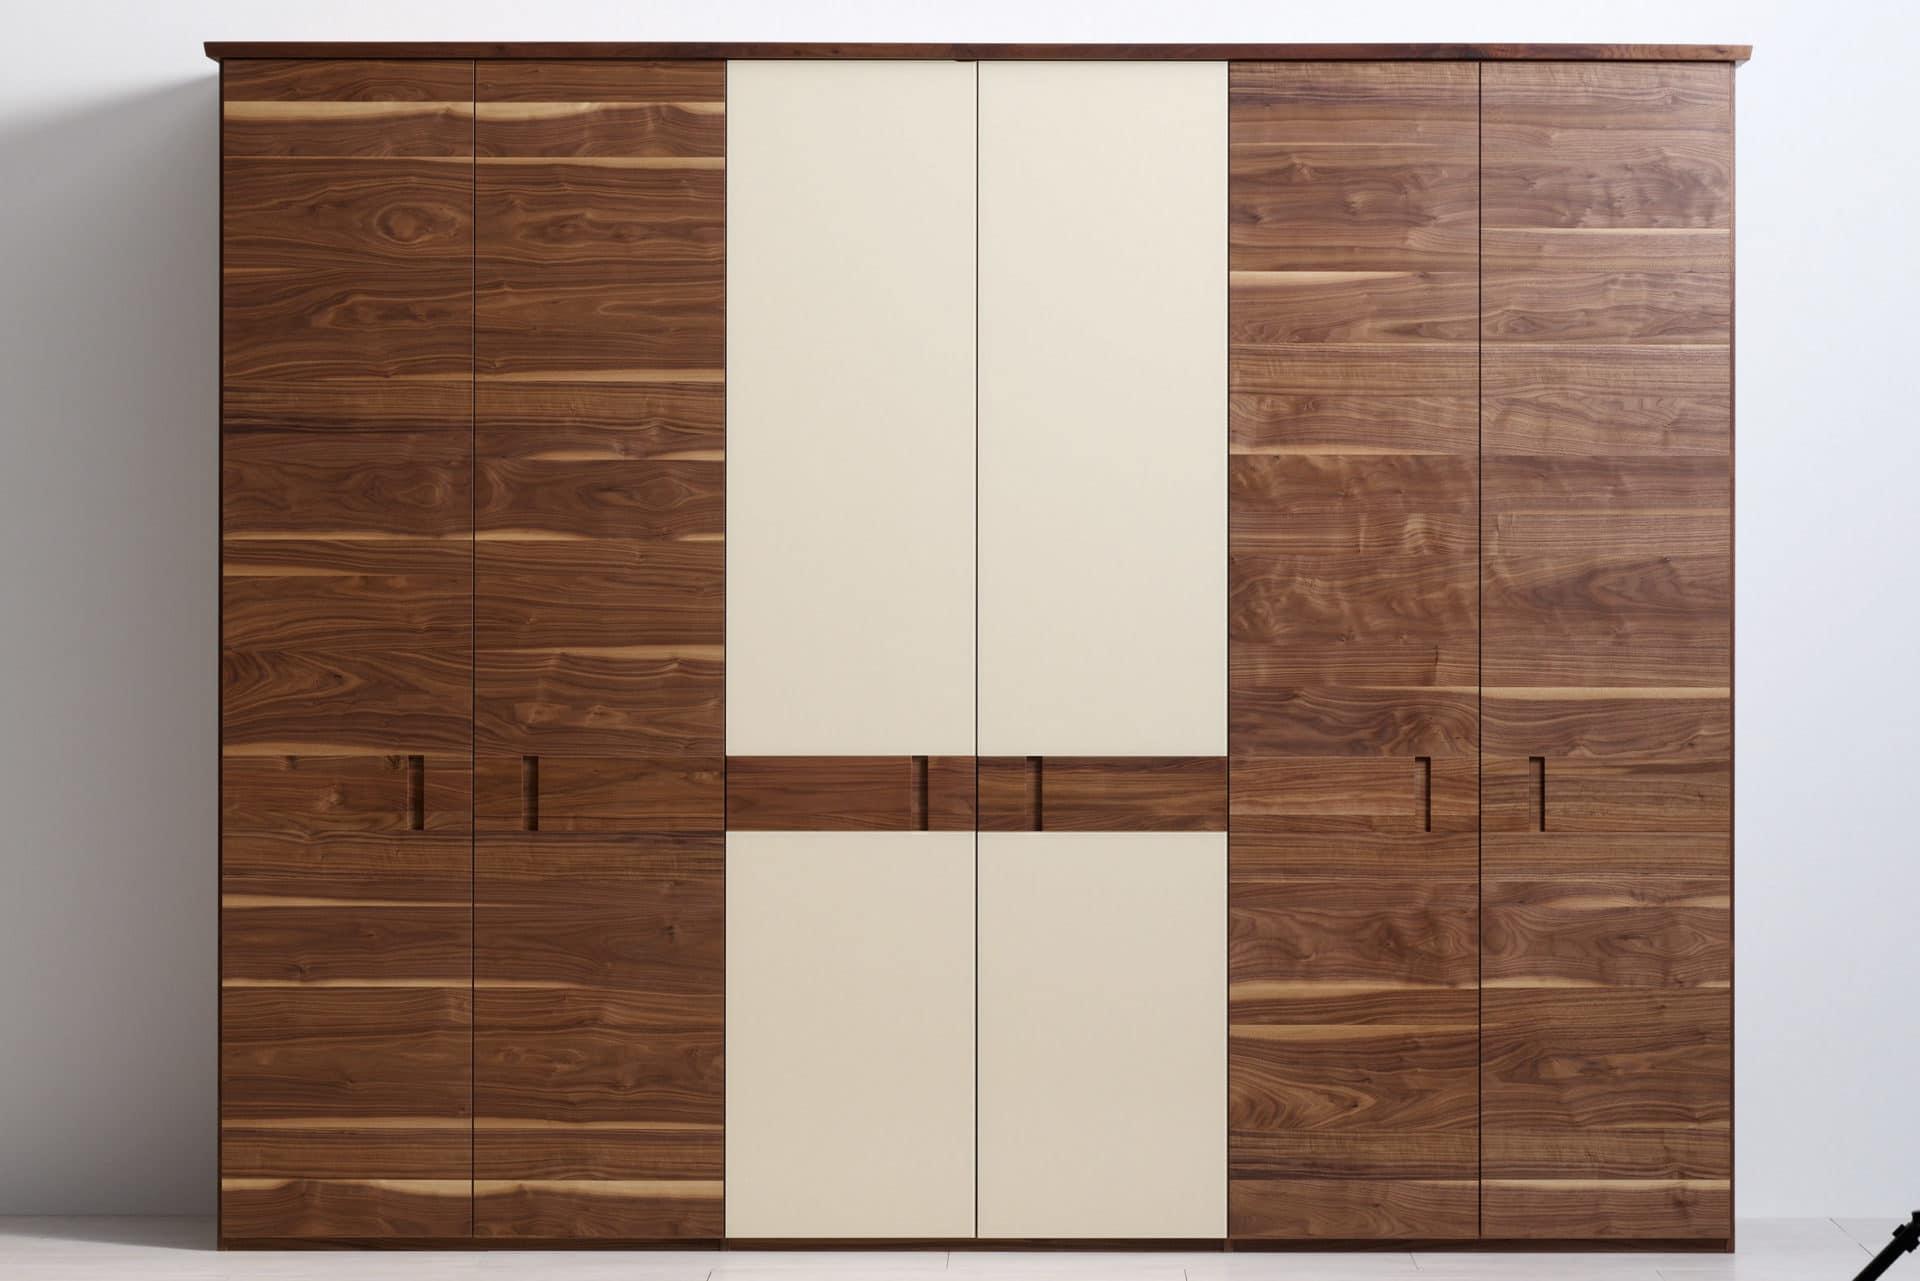 die sch nsten ideen beispiele und inspirierende bilder f r 212323427640 schrank schiebet ren. Black Bedroom Furniture Sets. Home Design Ideas